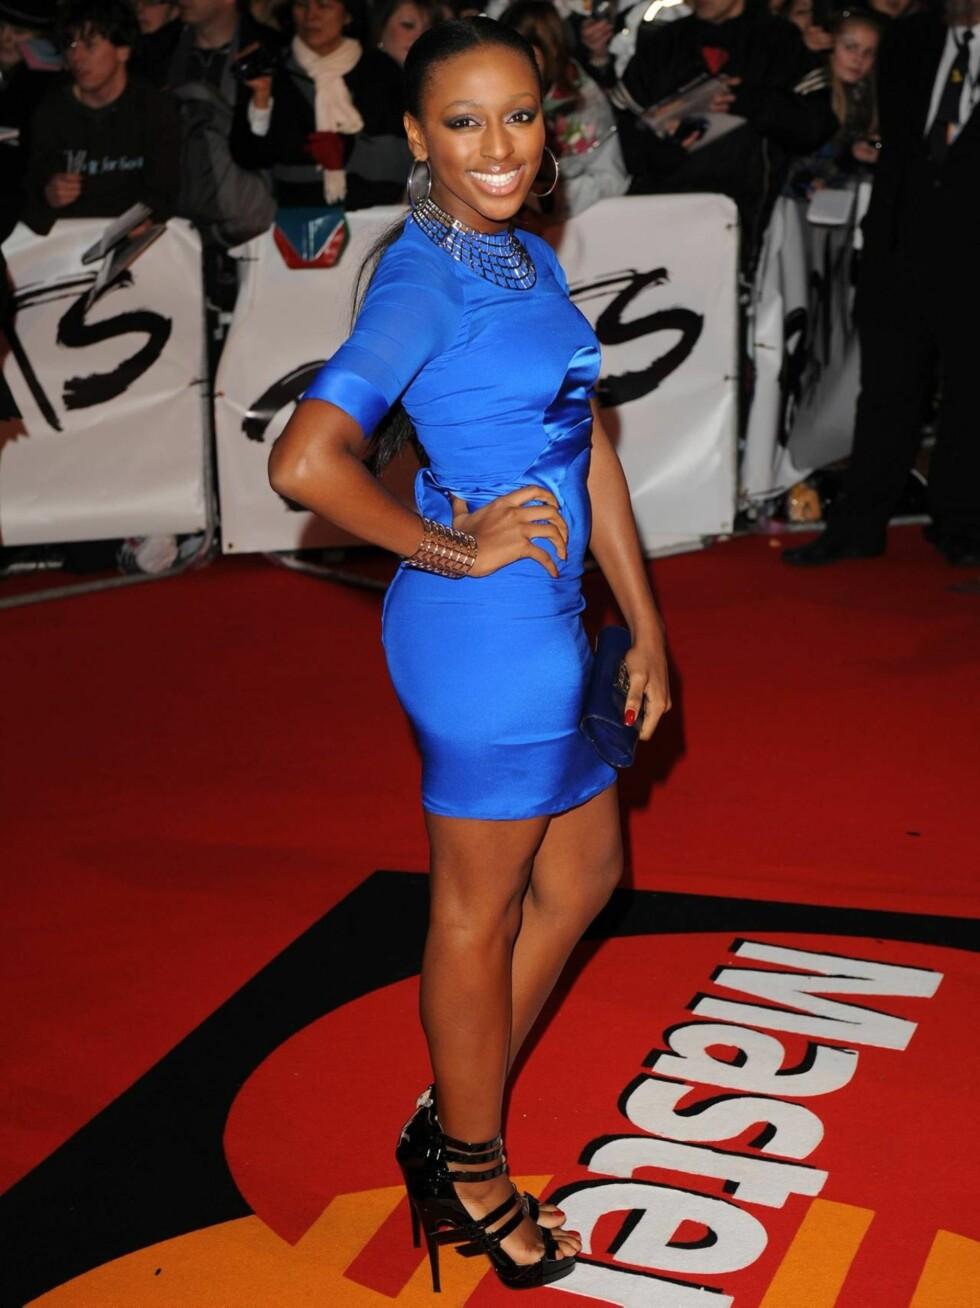 ALEXANDRA: X-Factor vinner Alexandra Burke kom iført en ettersittende blå minikjole og fulgte trenden med store øredobber.  Foto: All Over Press